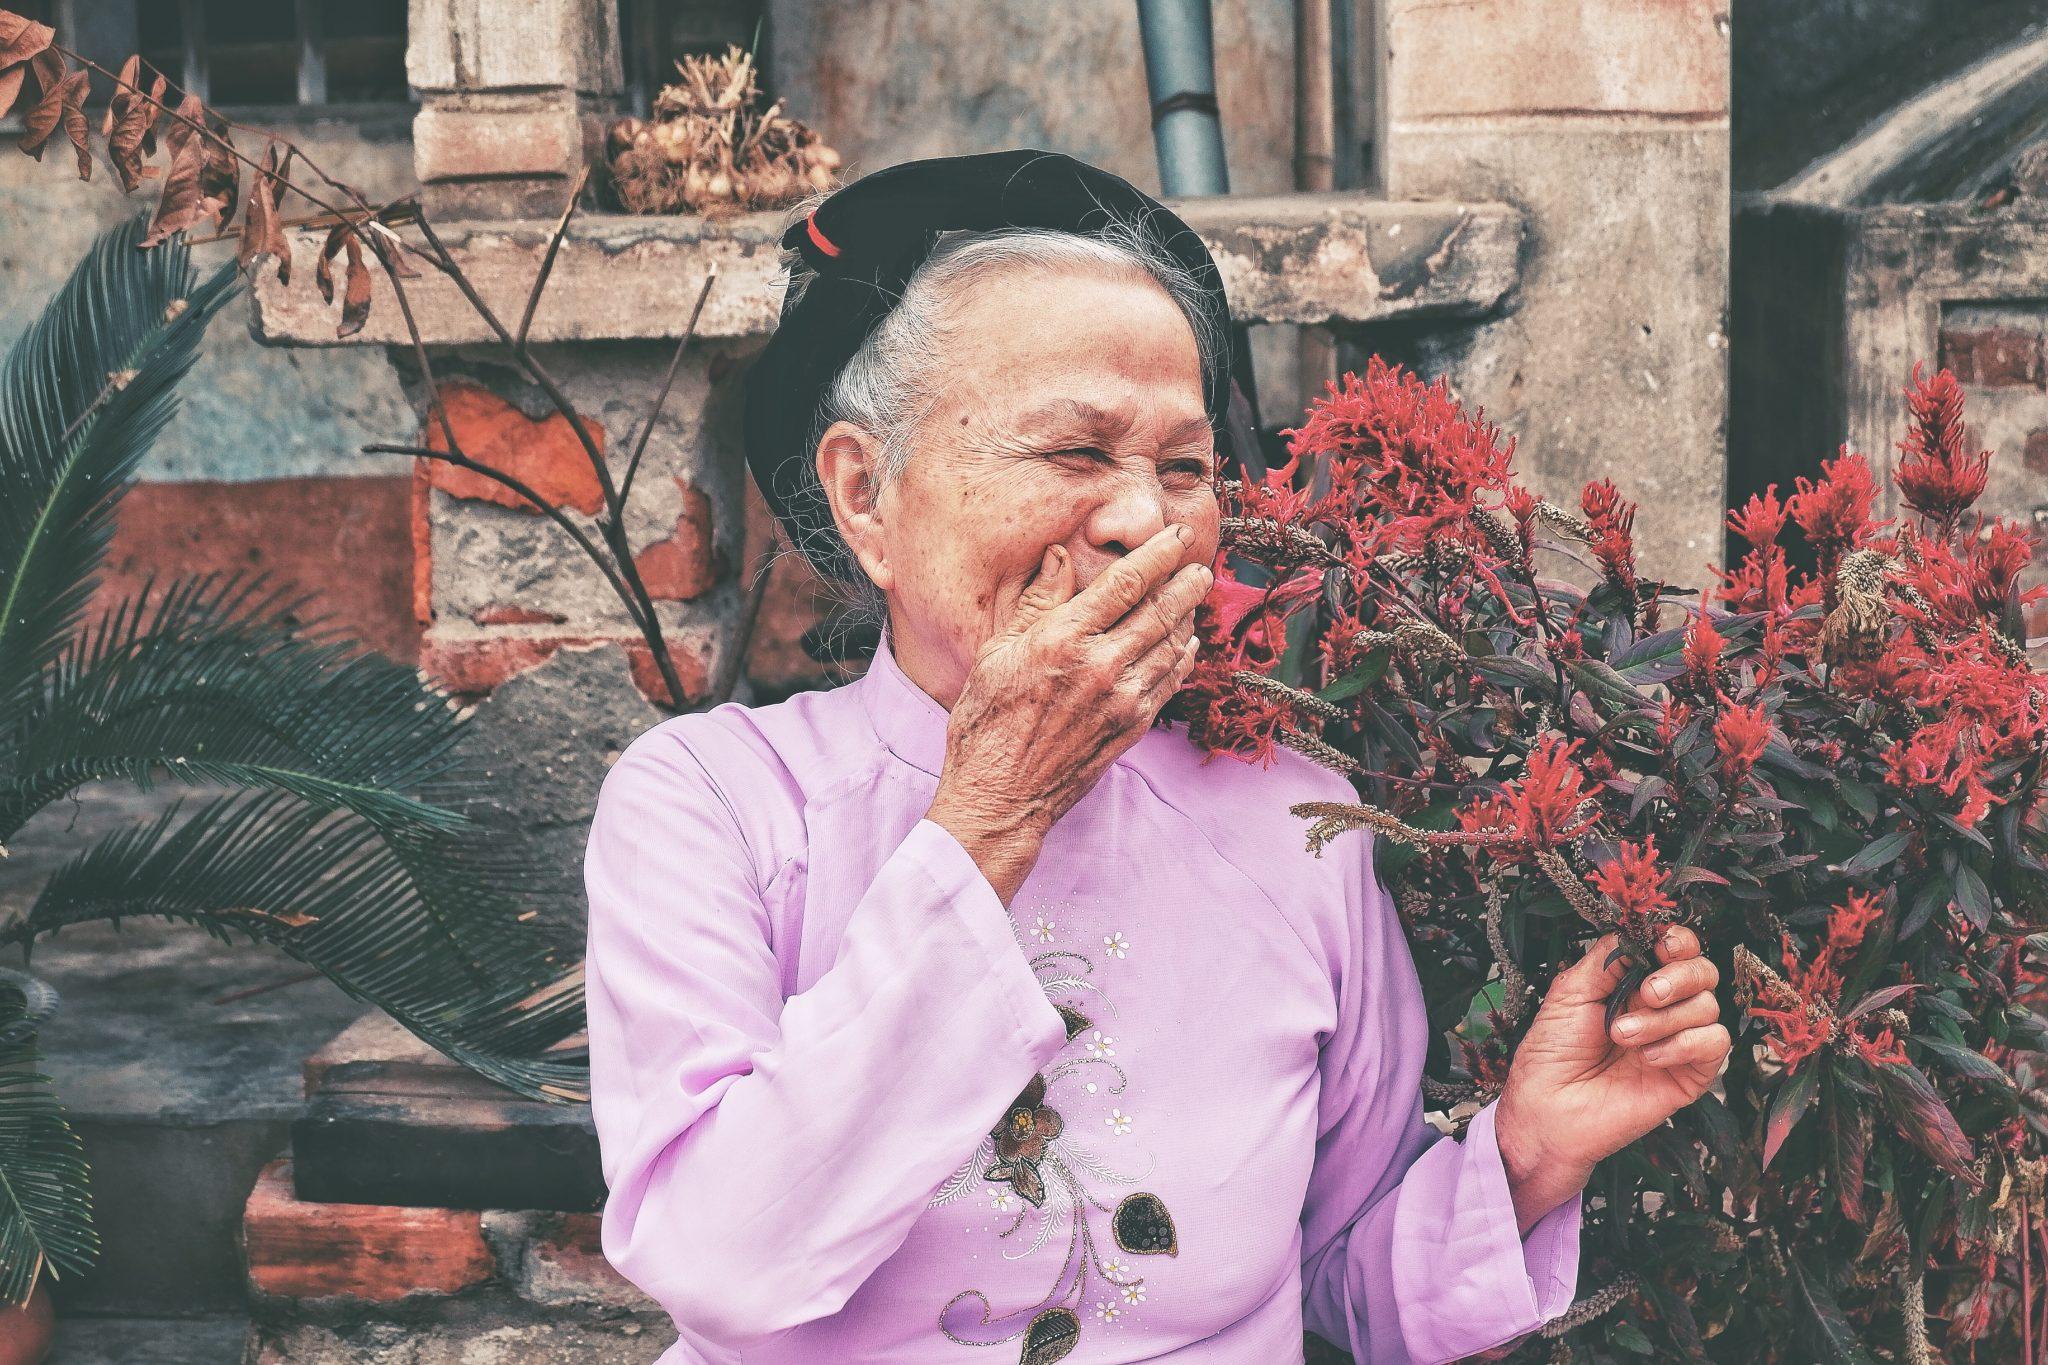 Elisir di lunga vita